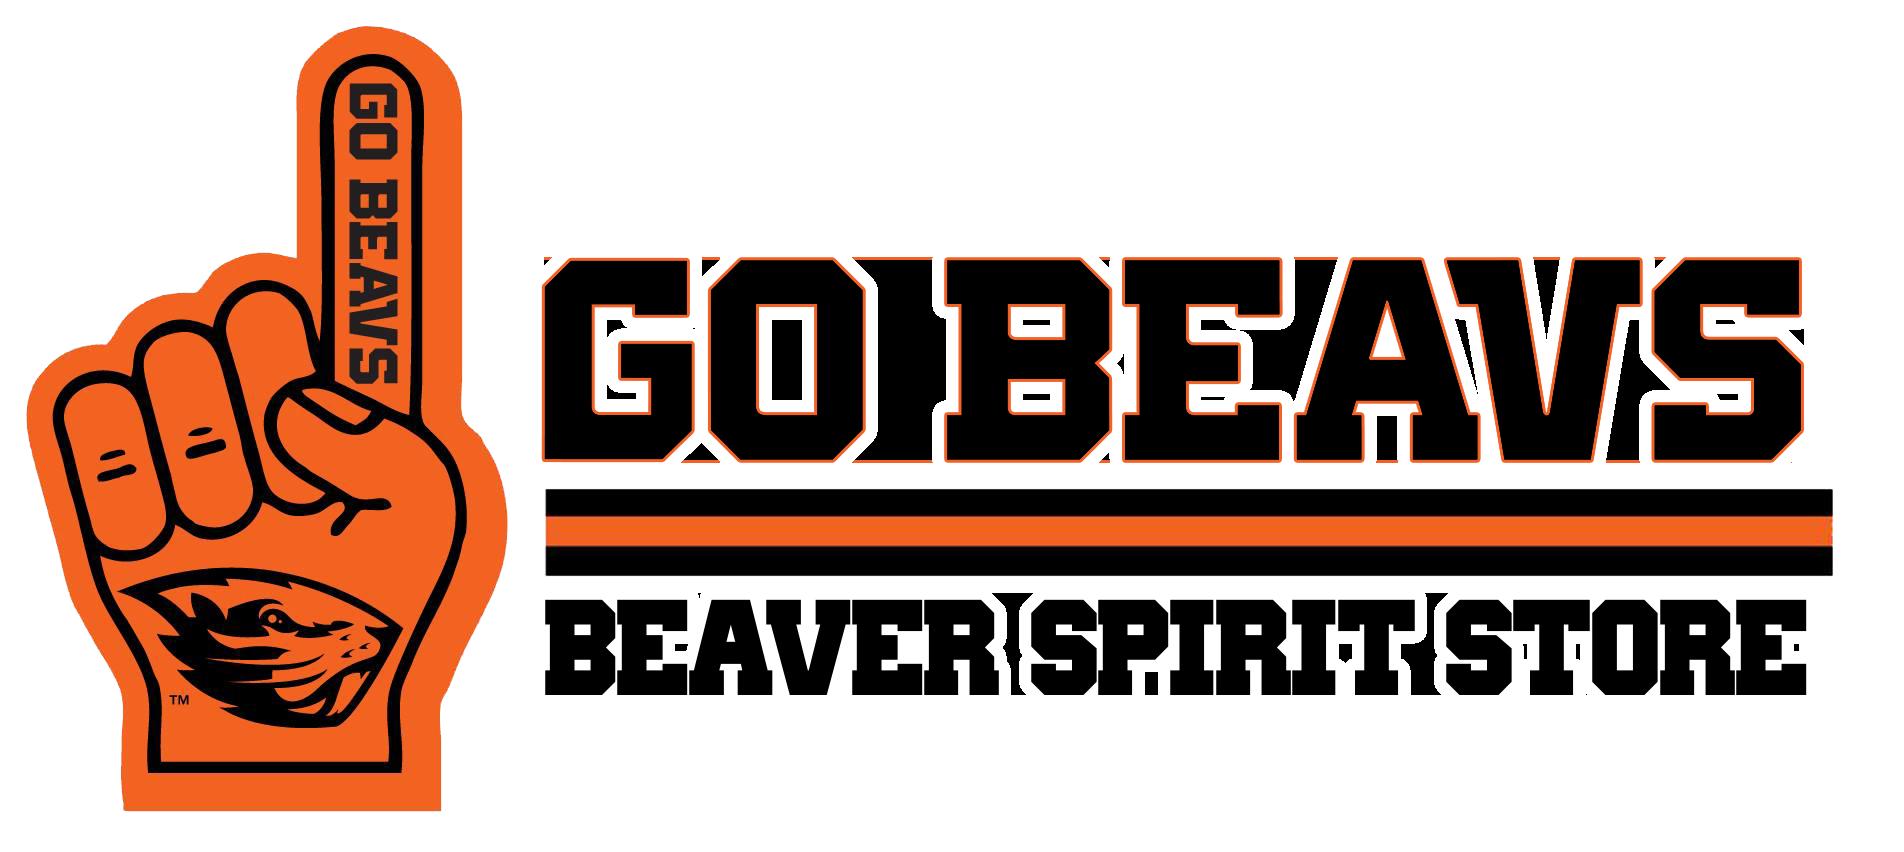 Beaver Flag Football Ring Tee